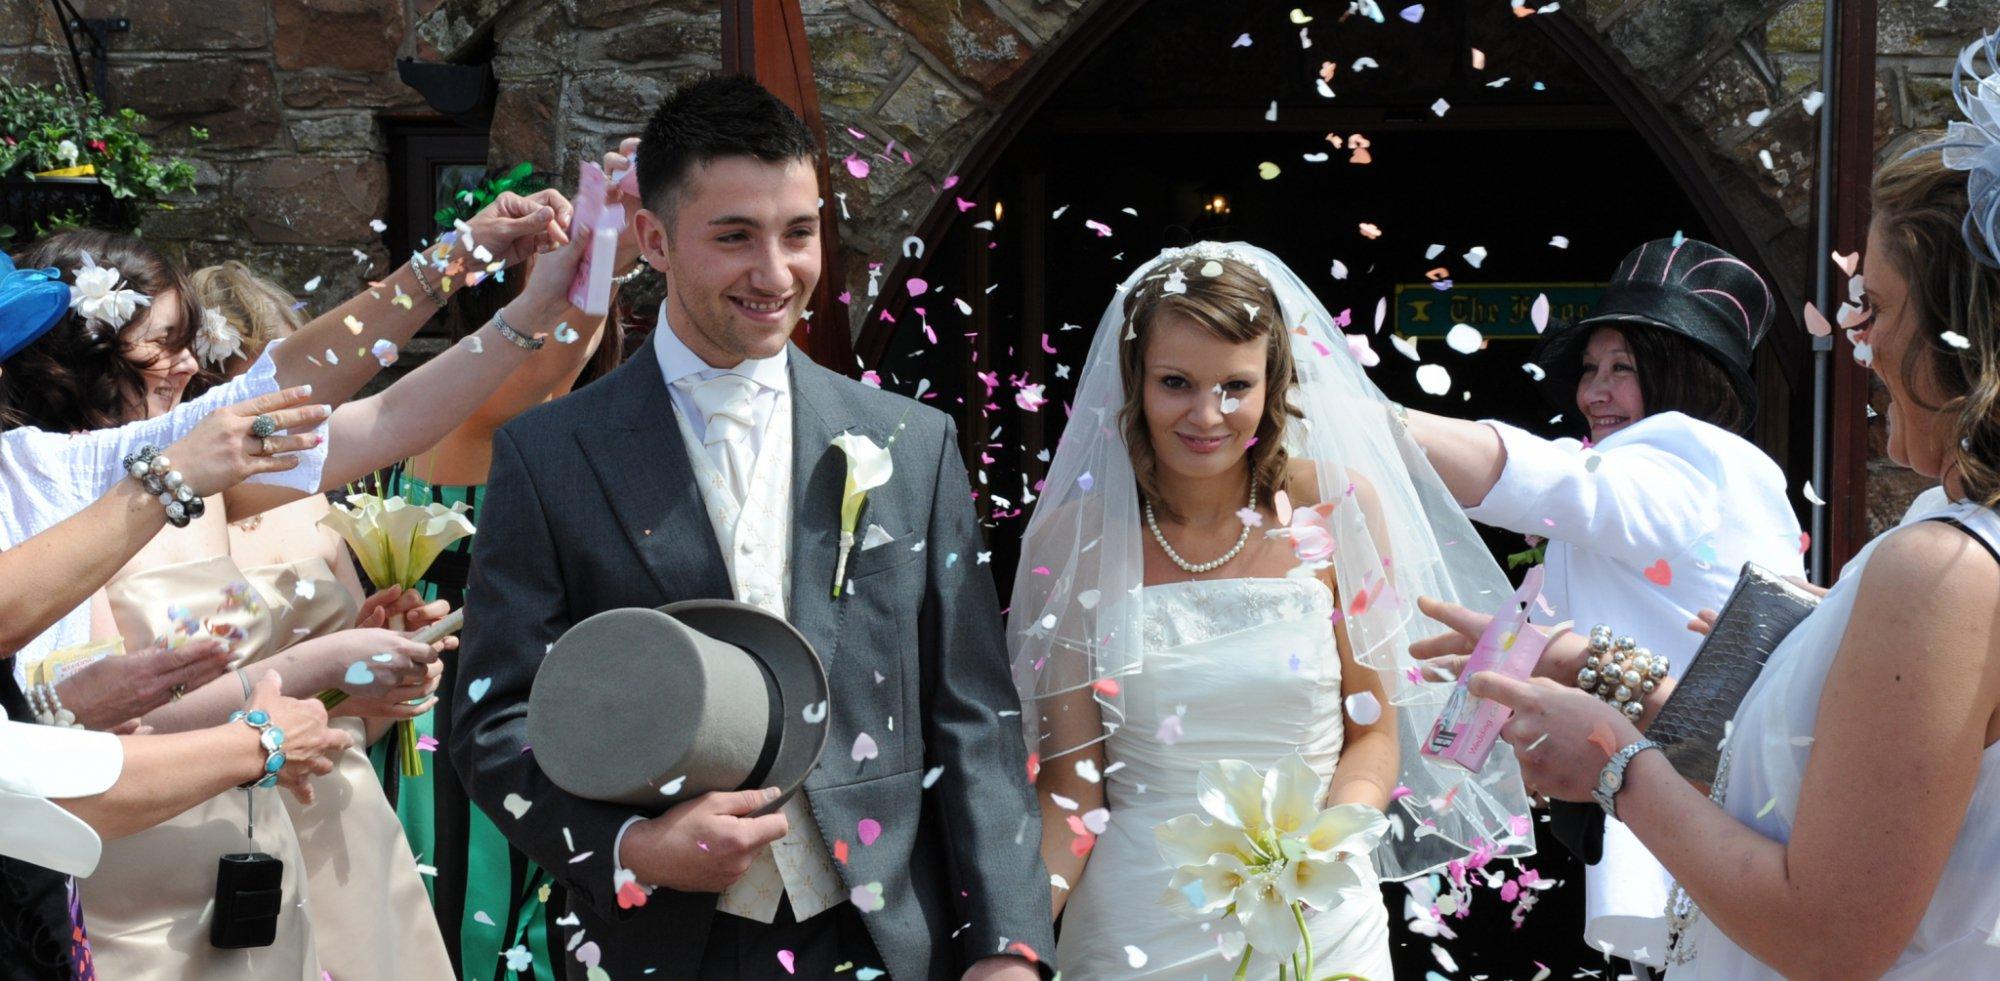 Gretna Green Wedding Venues |Wedding Venues near Gretna Green